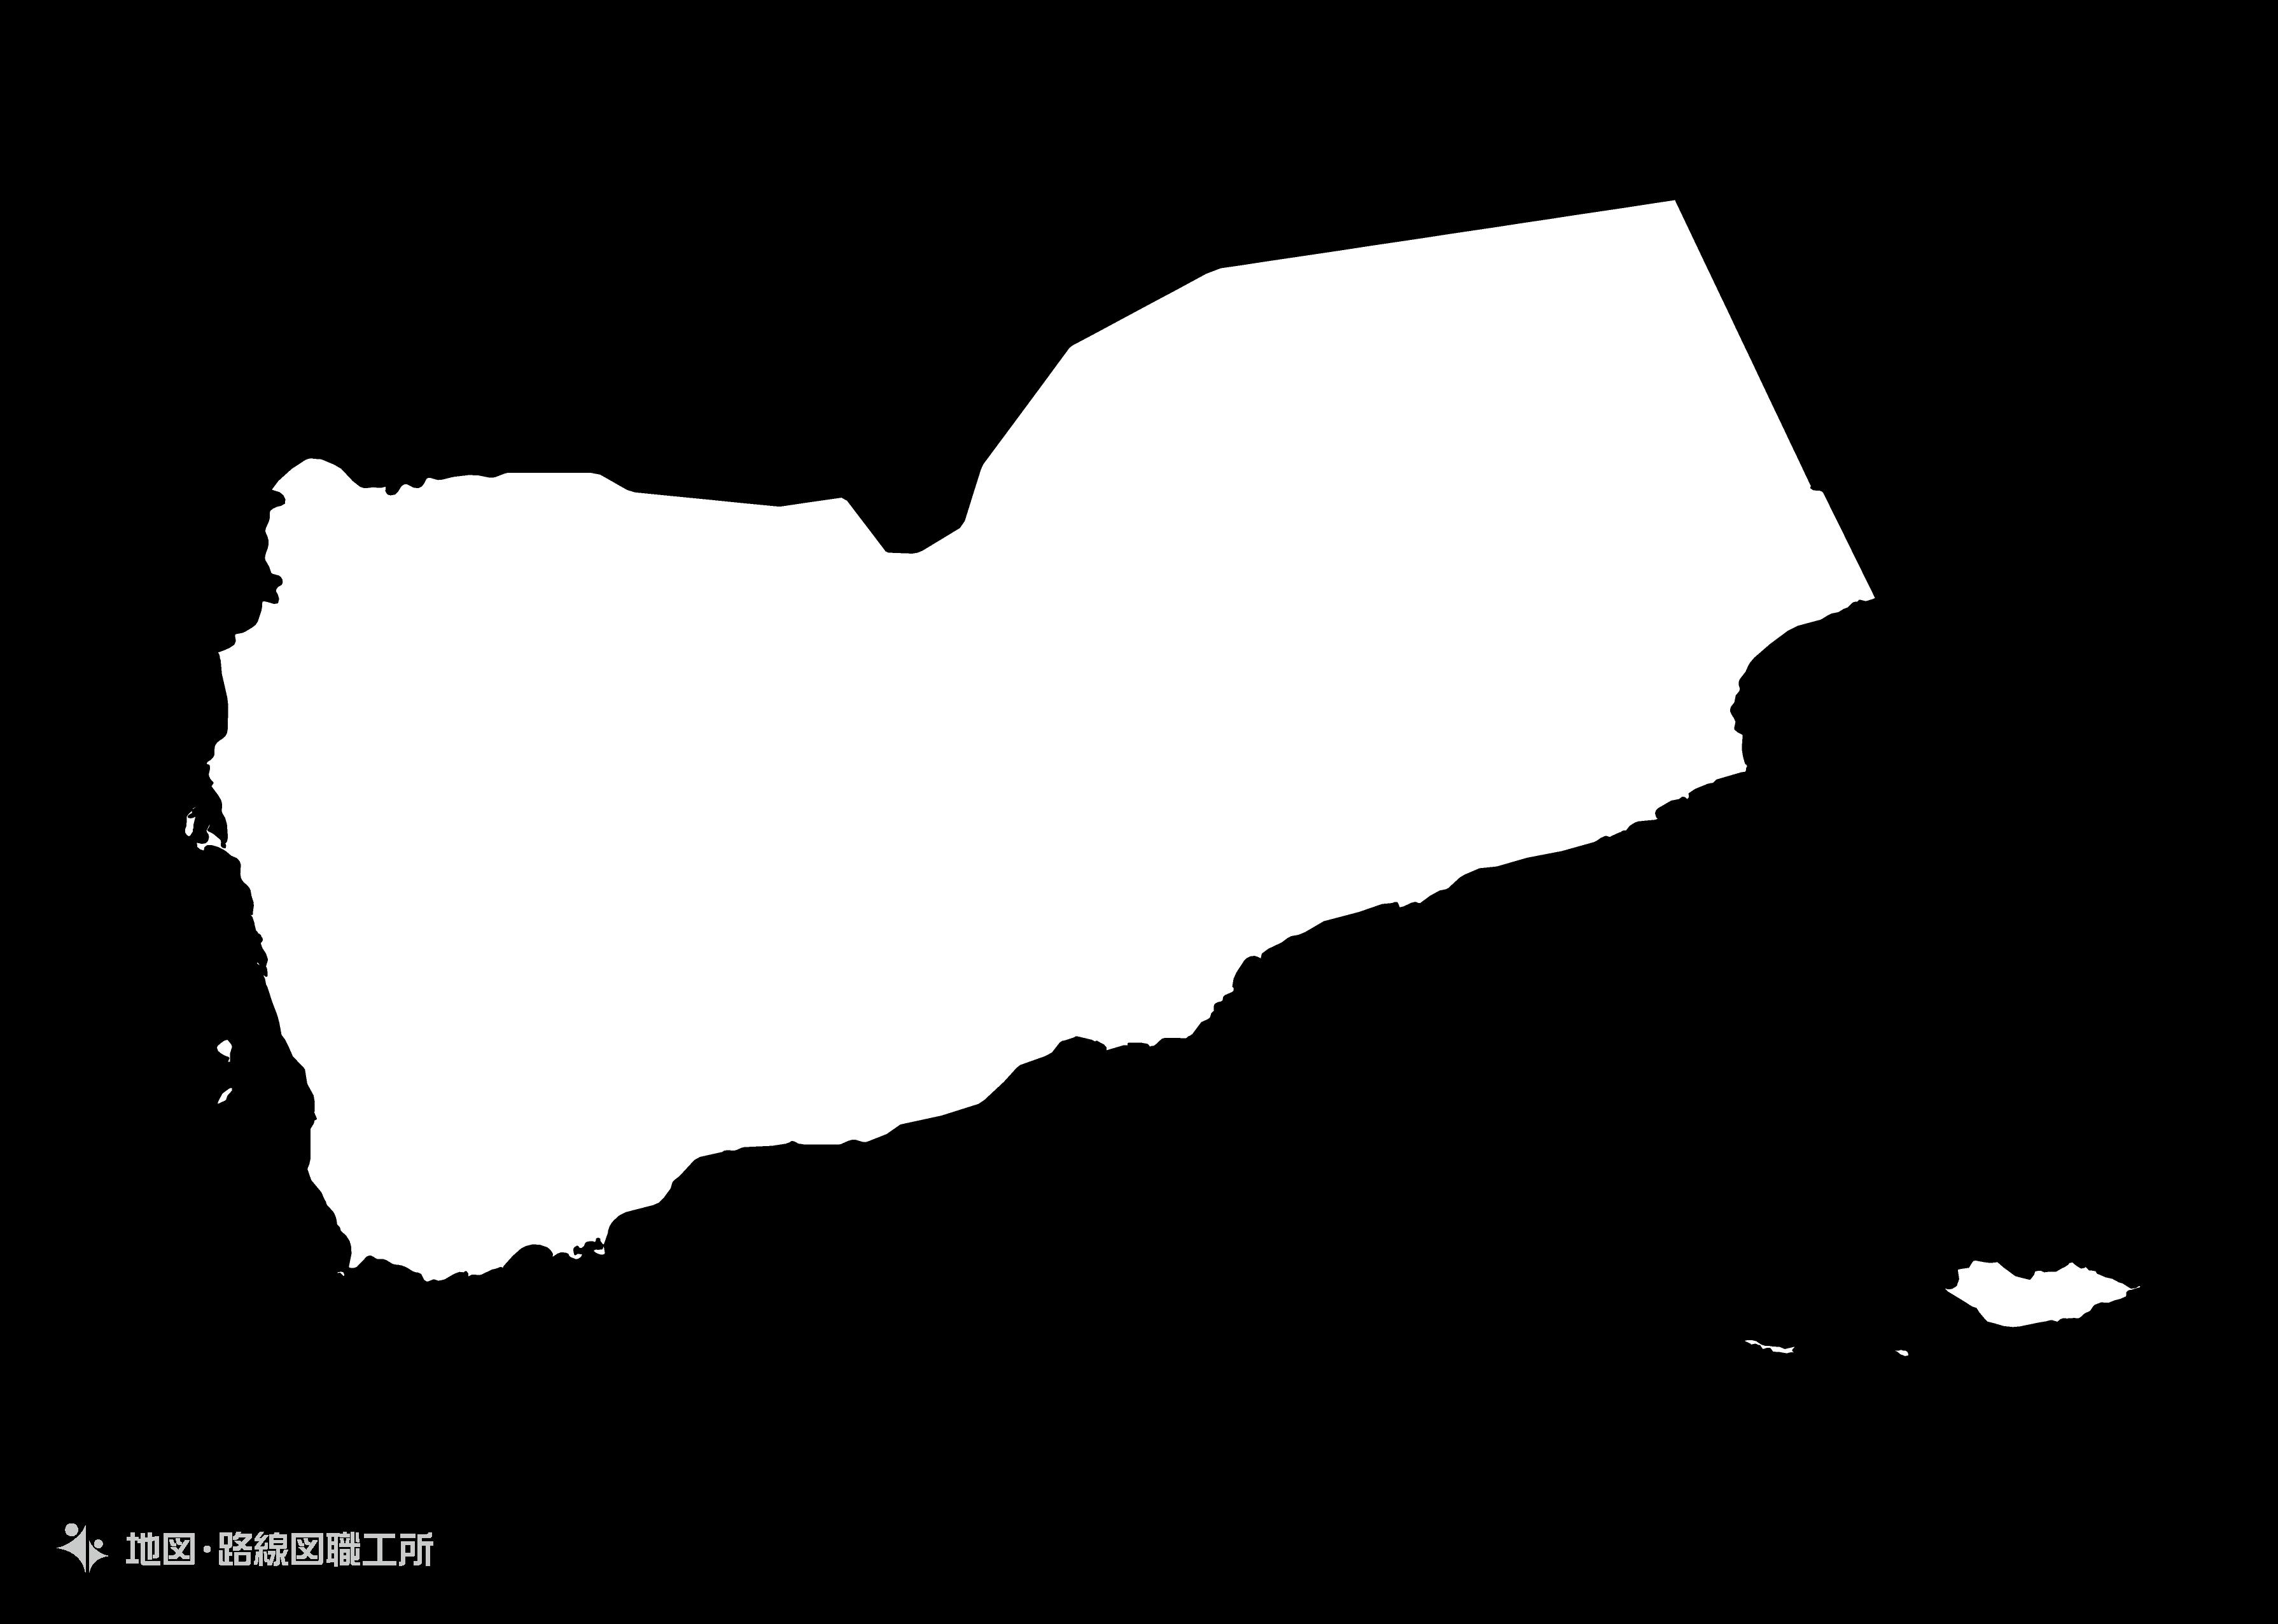 世界の白地図 イエメン共和国 republic-of-yemen map